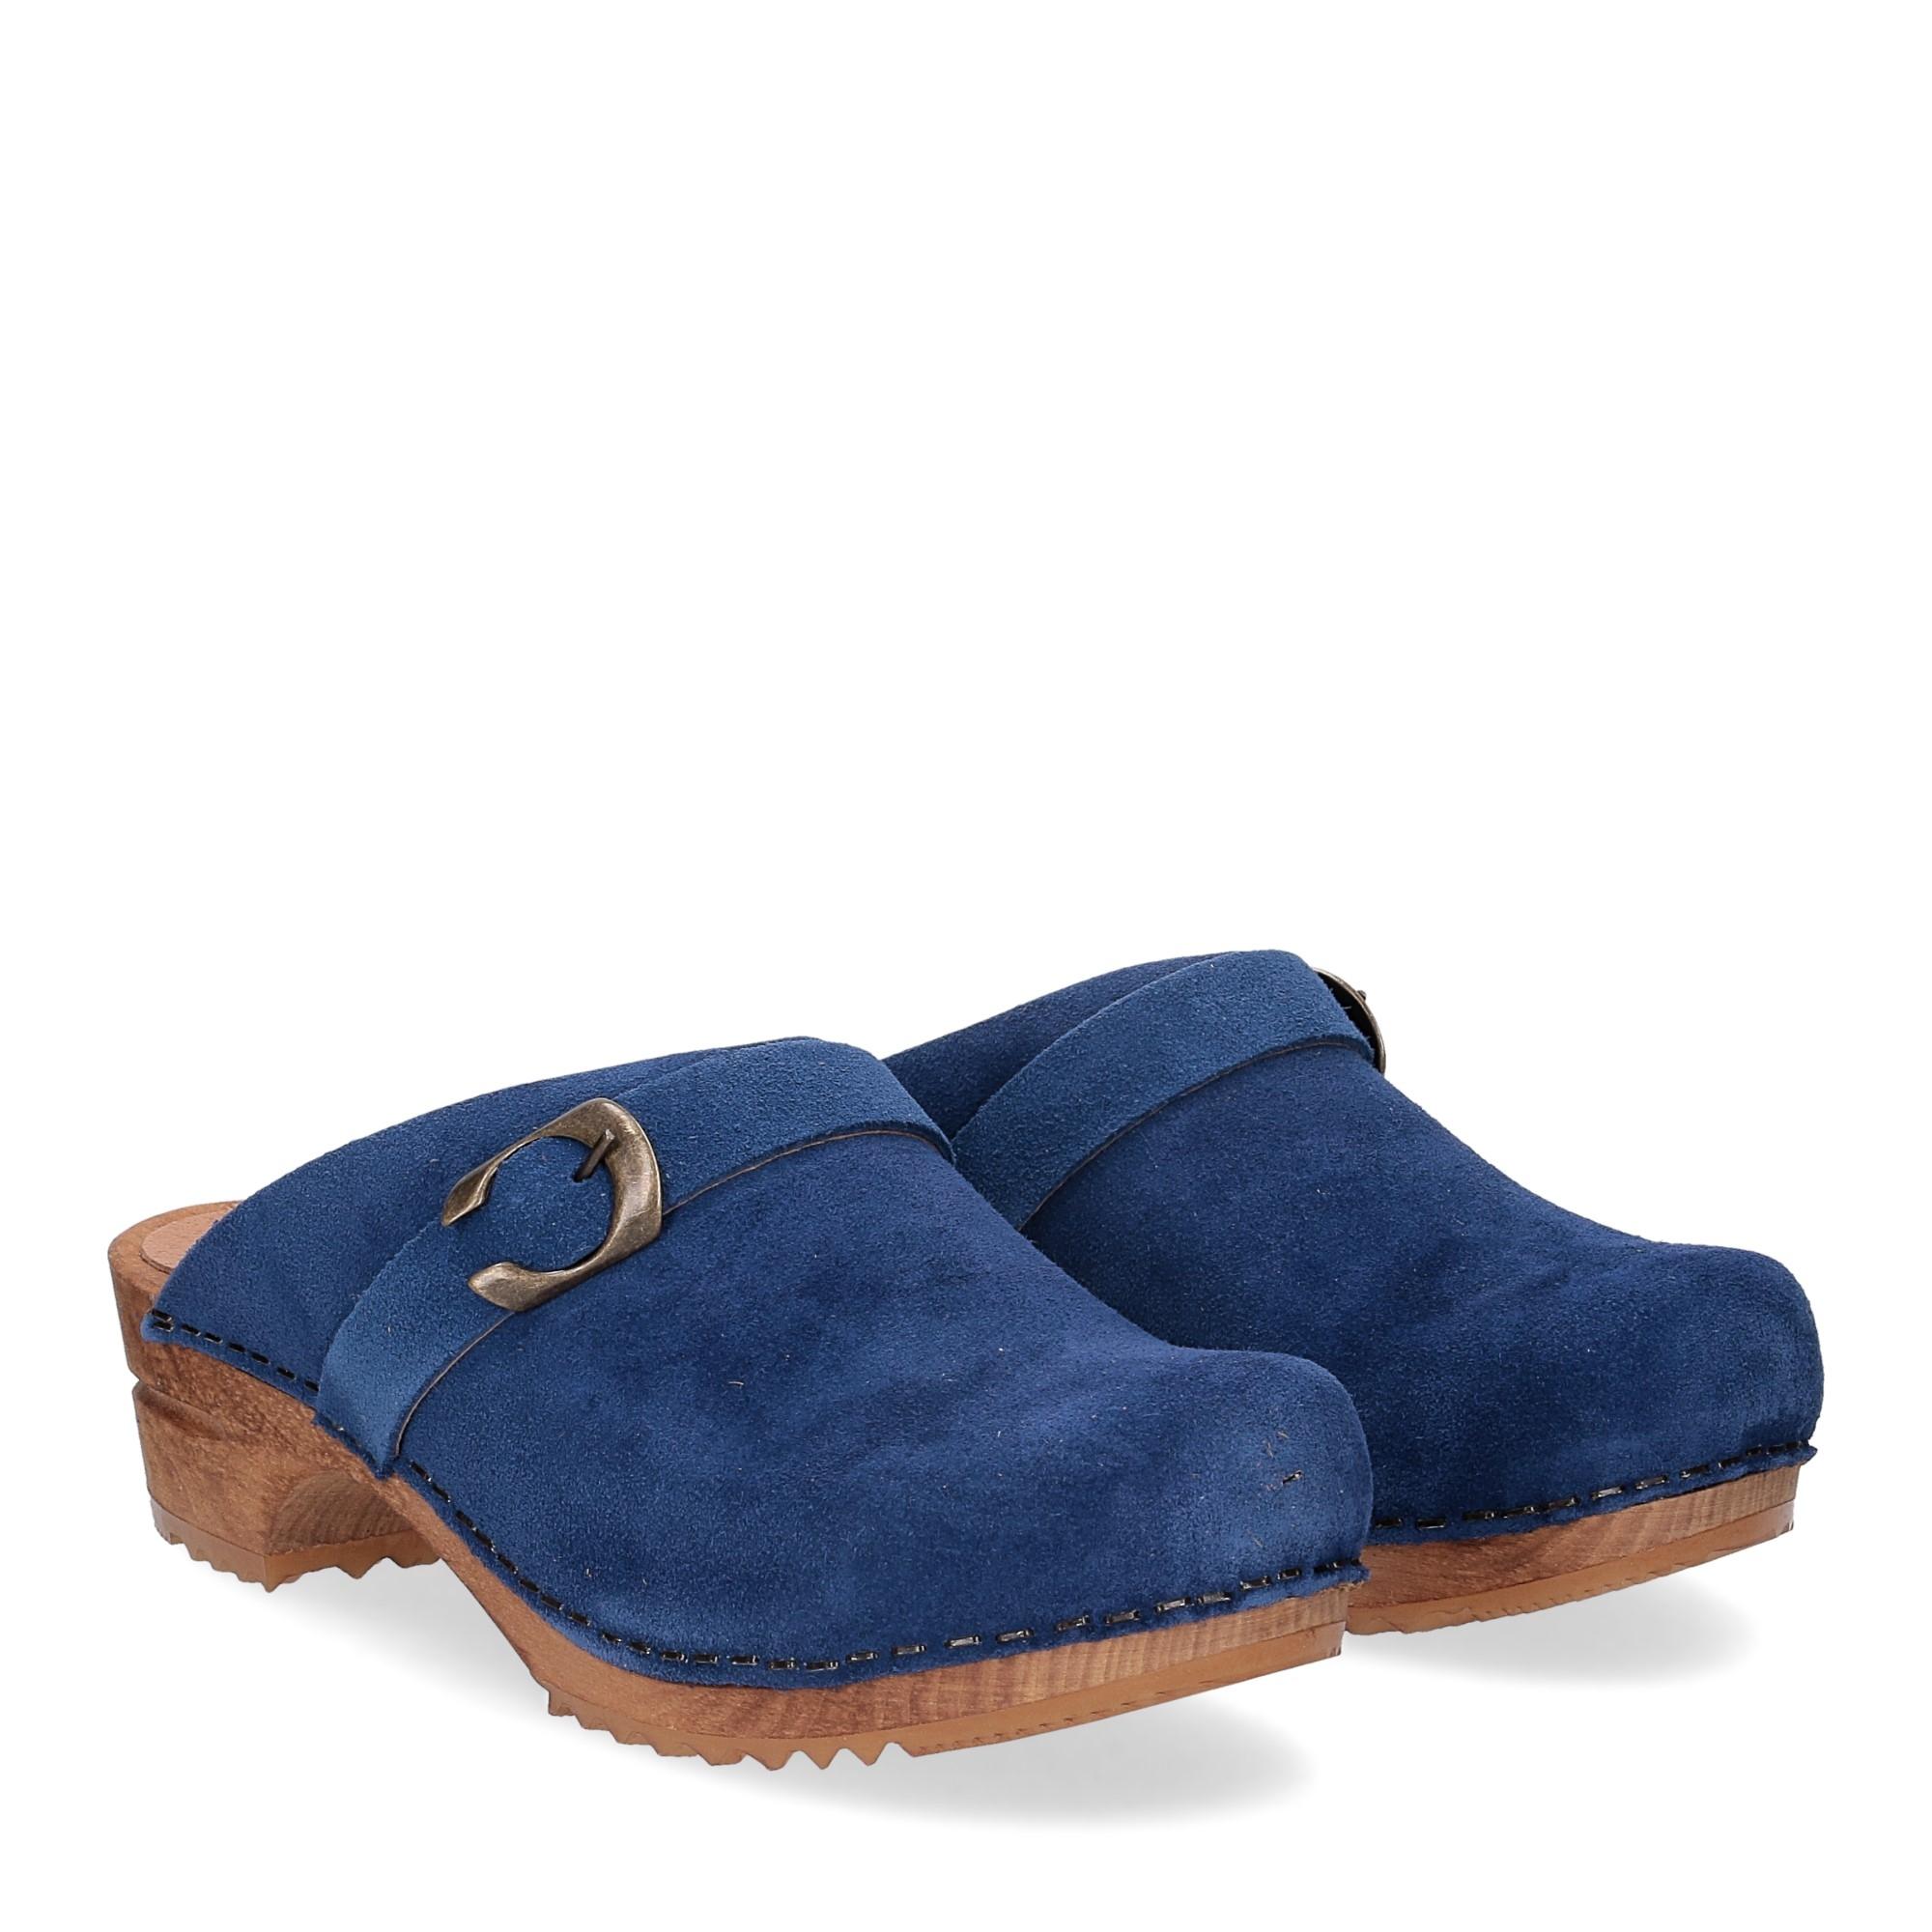 Sanita Zoccolo in camoscio blu jeans